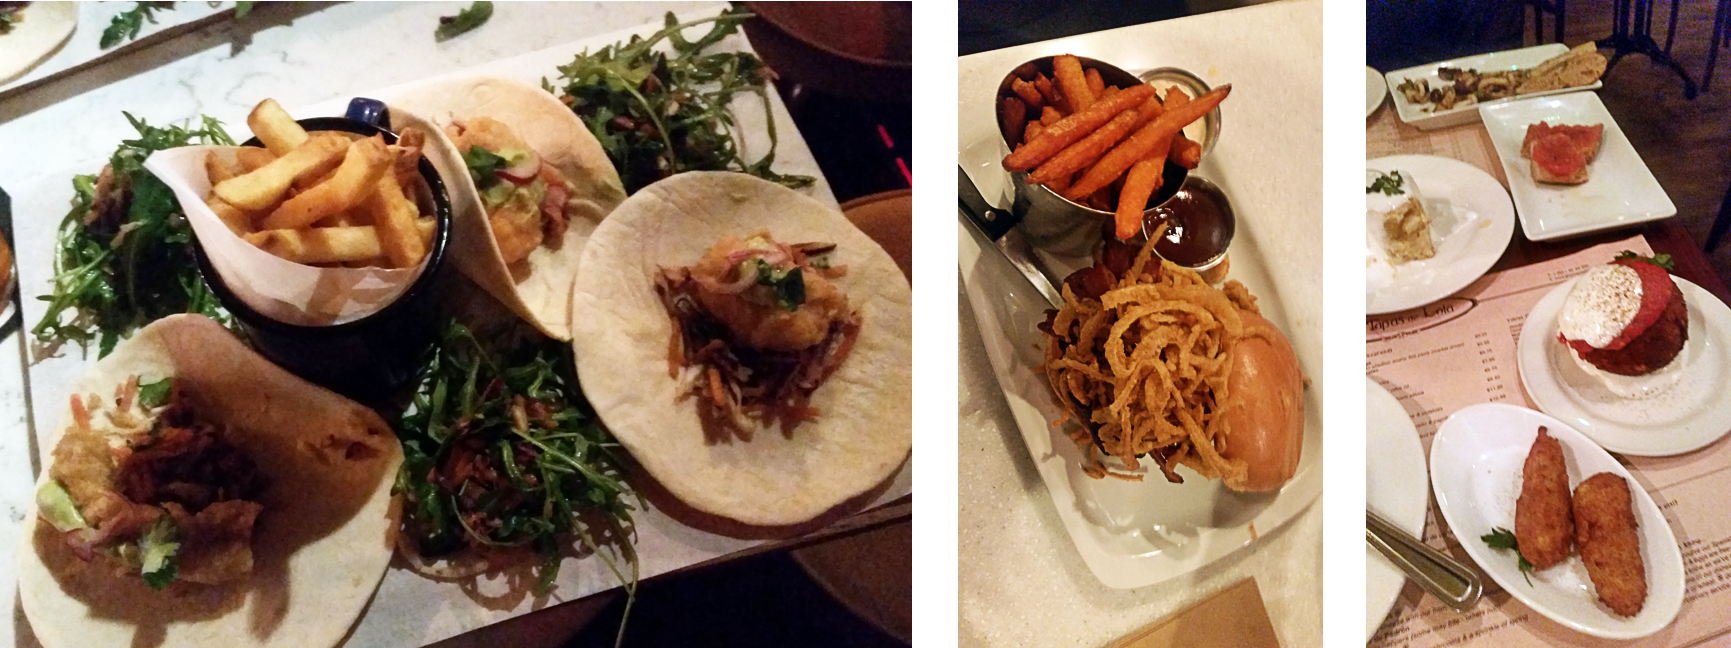 Fish tacos, burgers, and tapas.